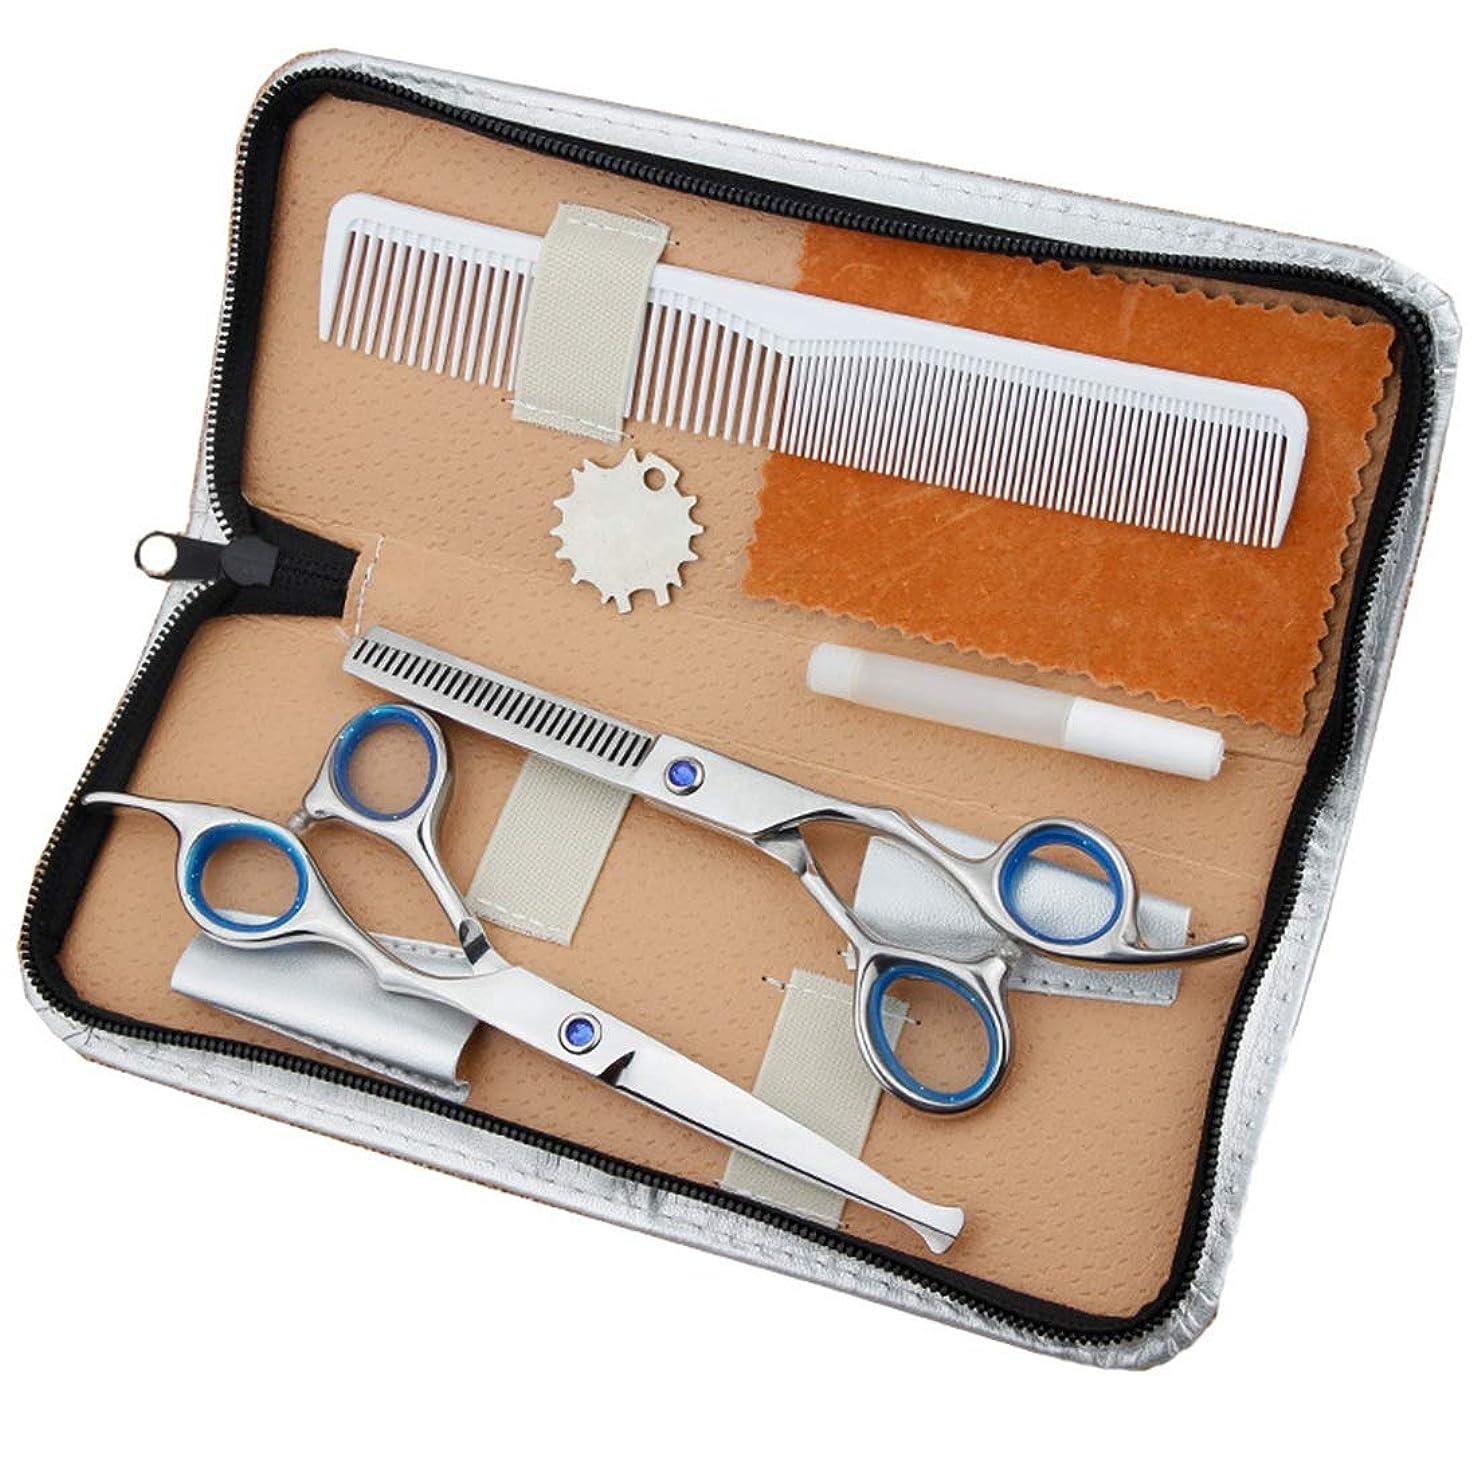 合法伝統主張するプロの理髪はさみラウンドヘッドフラットカット前髪カット歯カット薄いカットホーム散髪ツールセット モデリングツール (色 : 青)